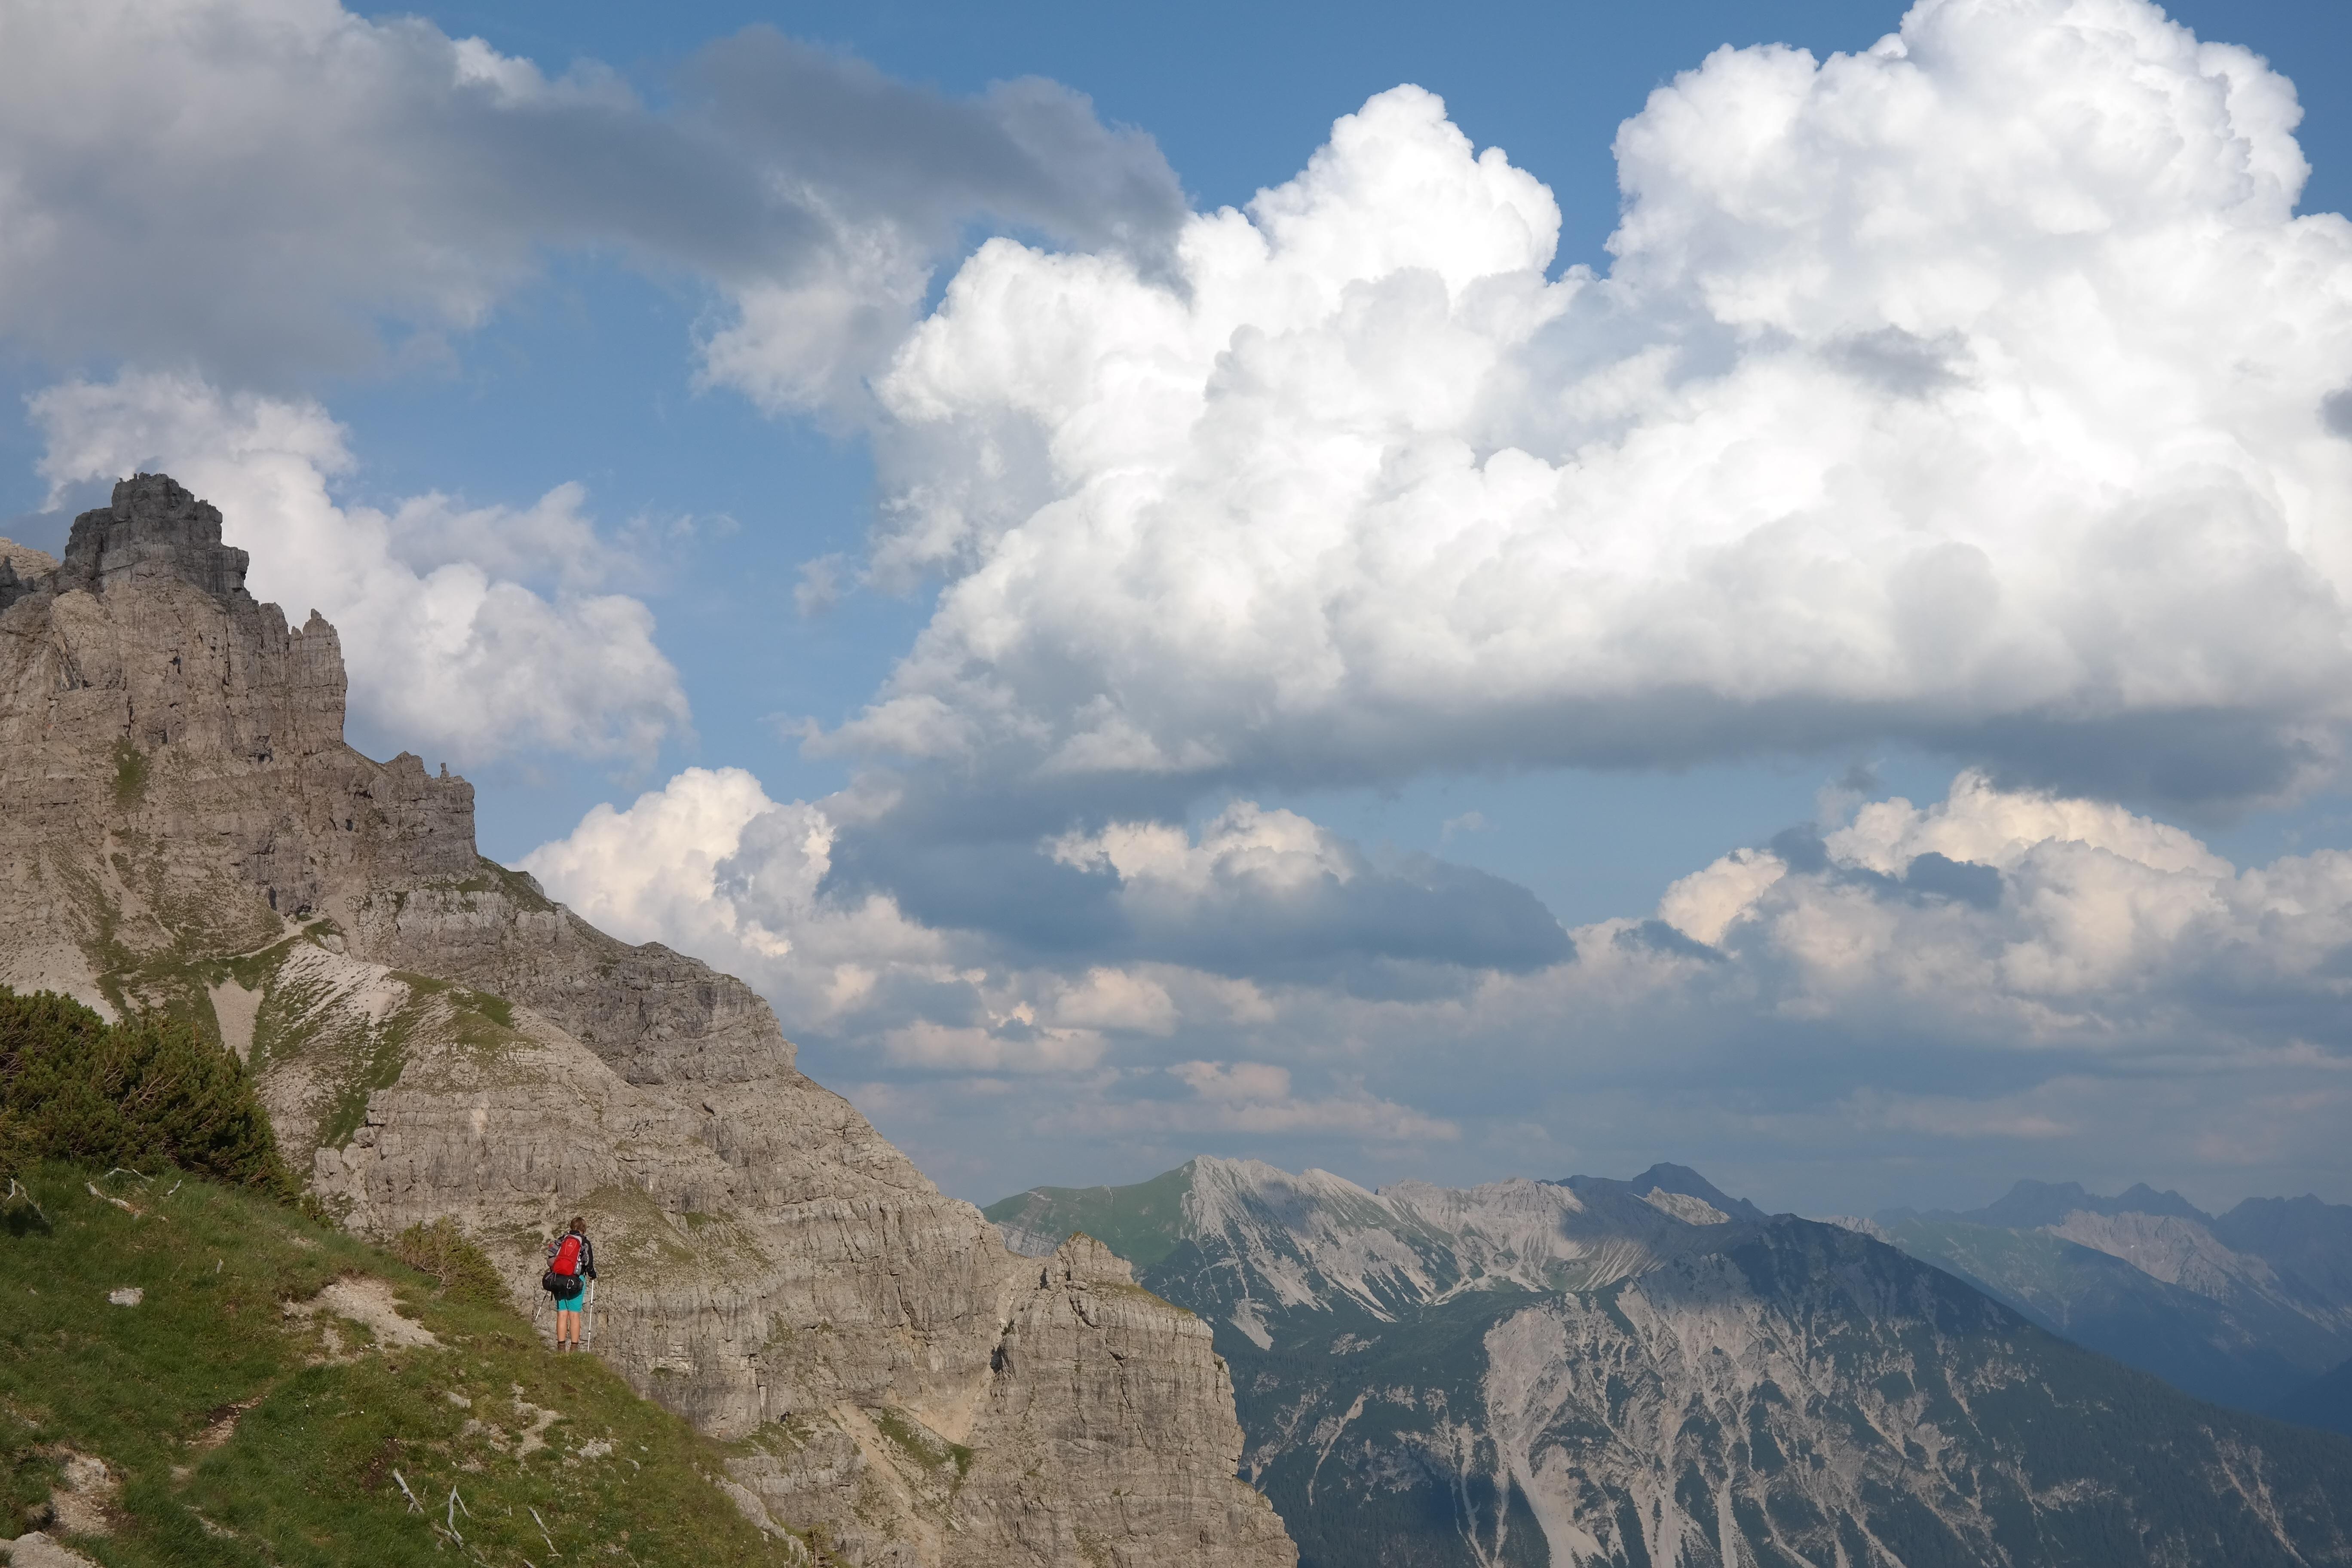 Hình Ảnh : Đá, Đám Mây, Bầu Trời, Đồi Núi, Dãy Núi, Đi Lang Thang, Cây Rơm,  Đám Mây, Alps, Cao Nguyên, Bầu Trời Mờ, Hình Thái Đất, ...